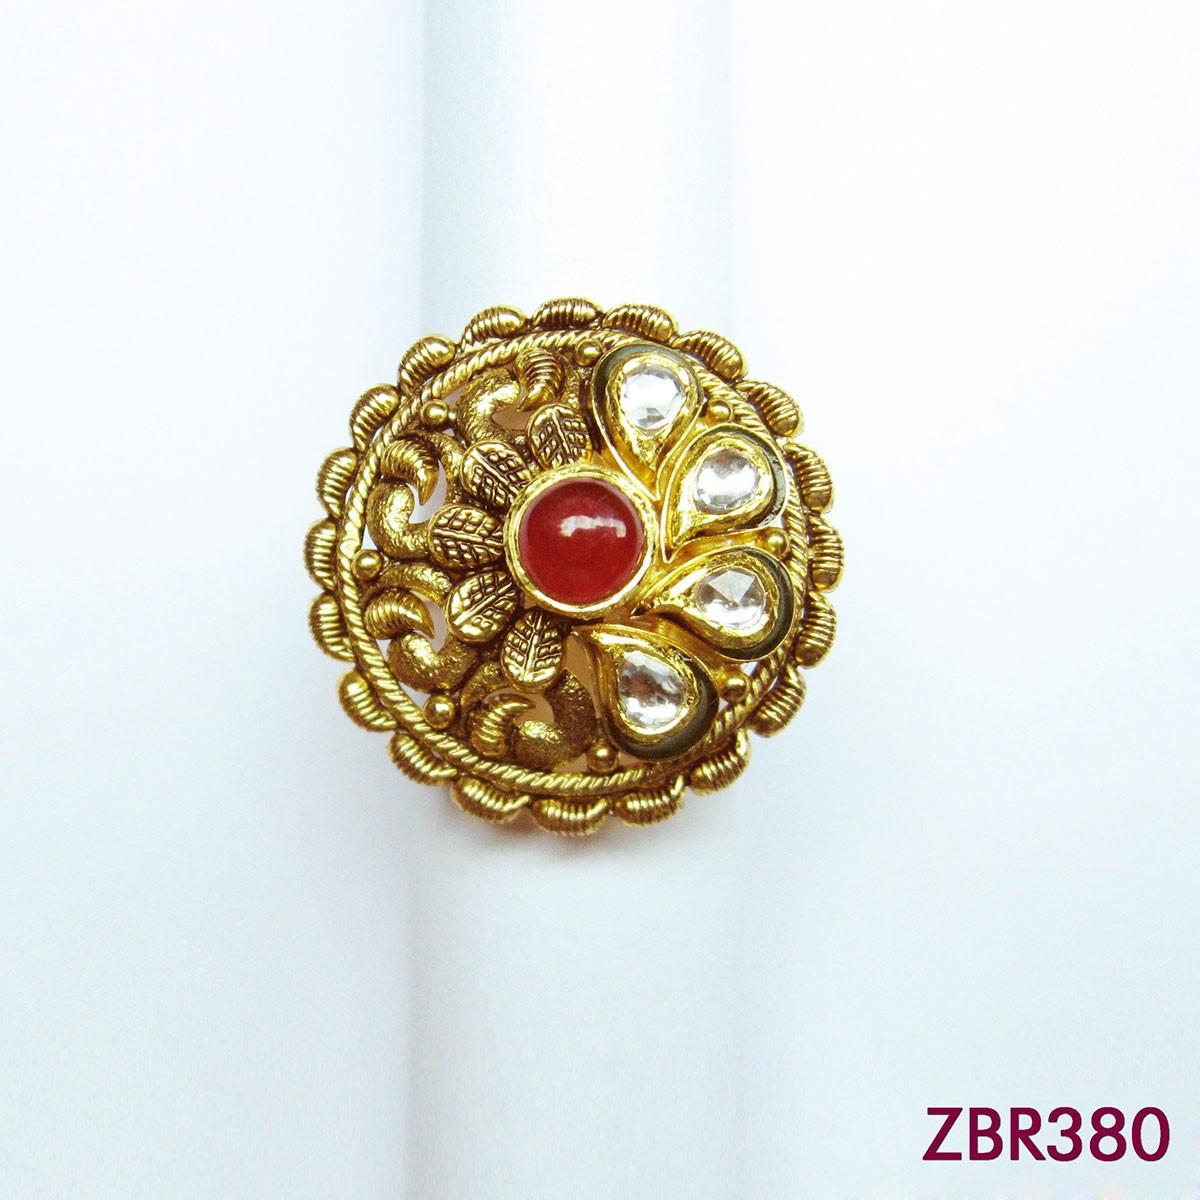 ZBR380